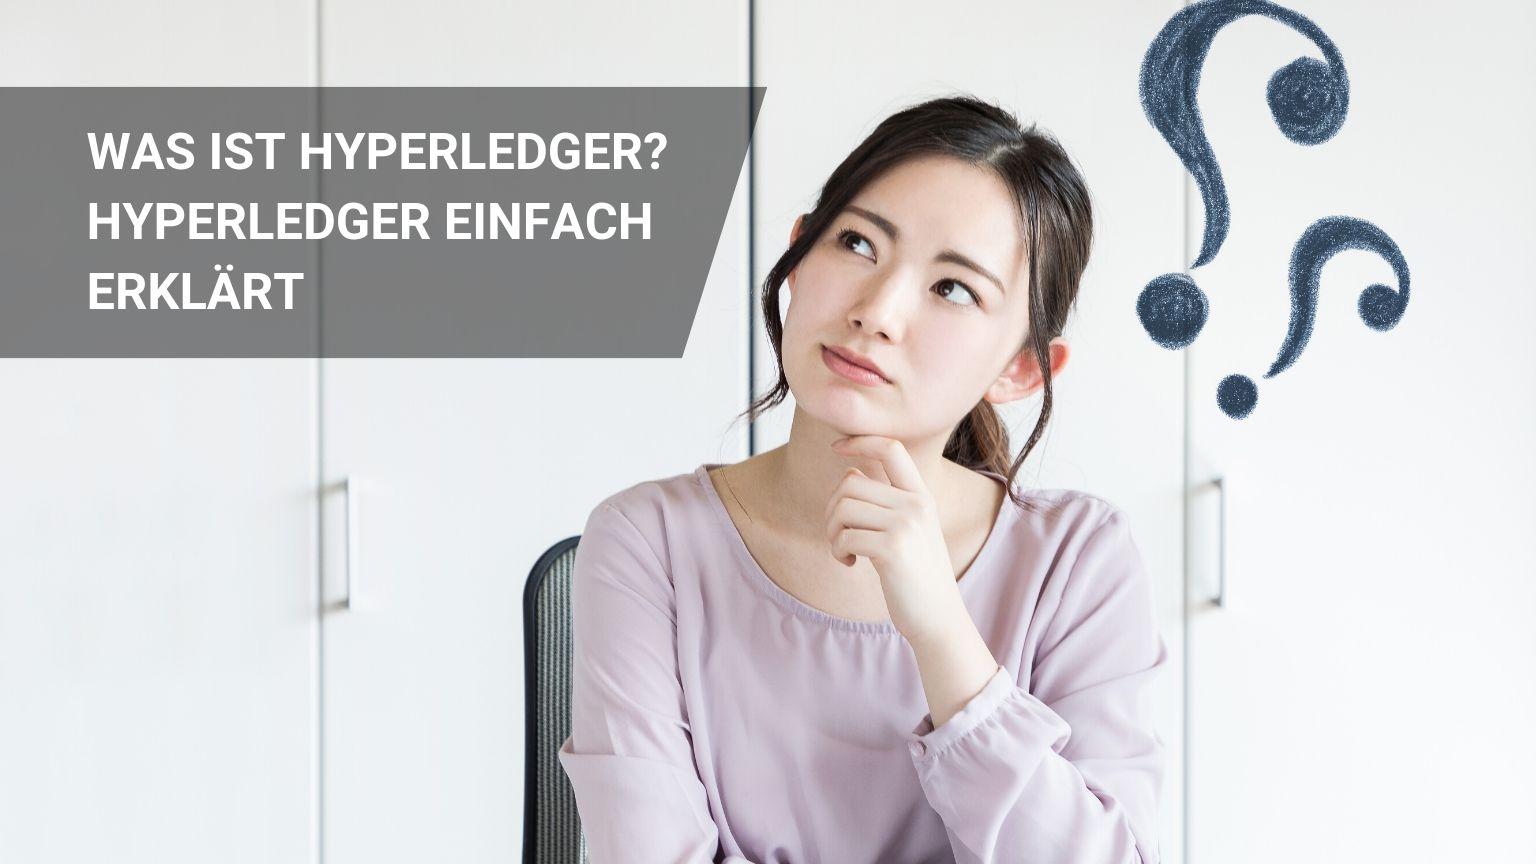 Was ist Hyperledger? Unglaubliche Features: Hyperledger erklärt